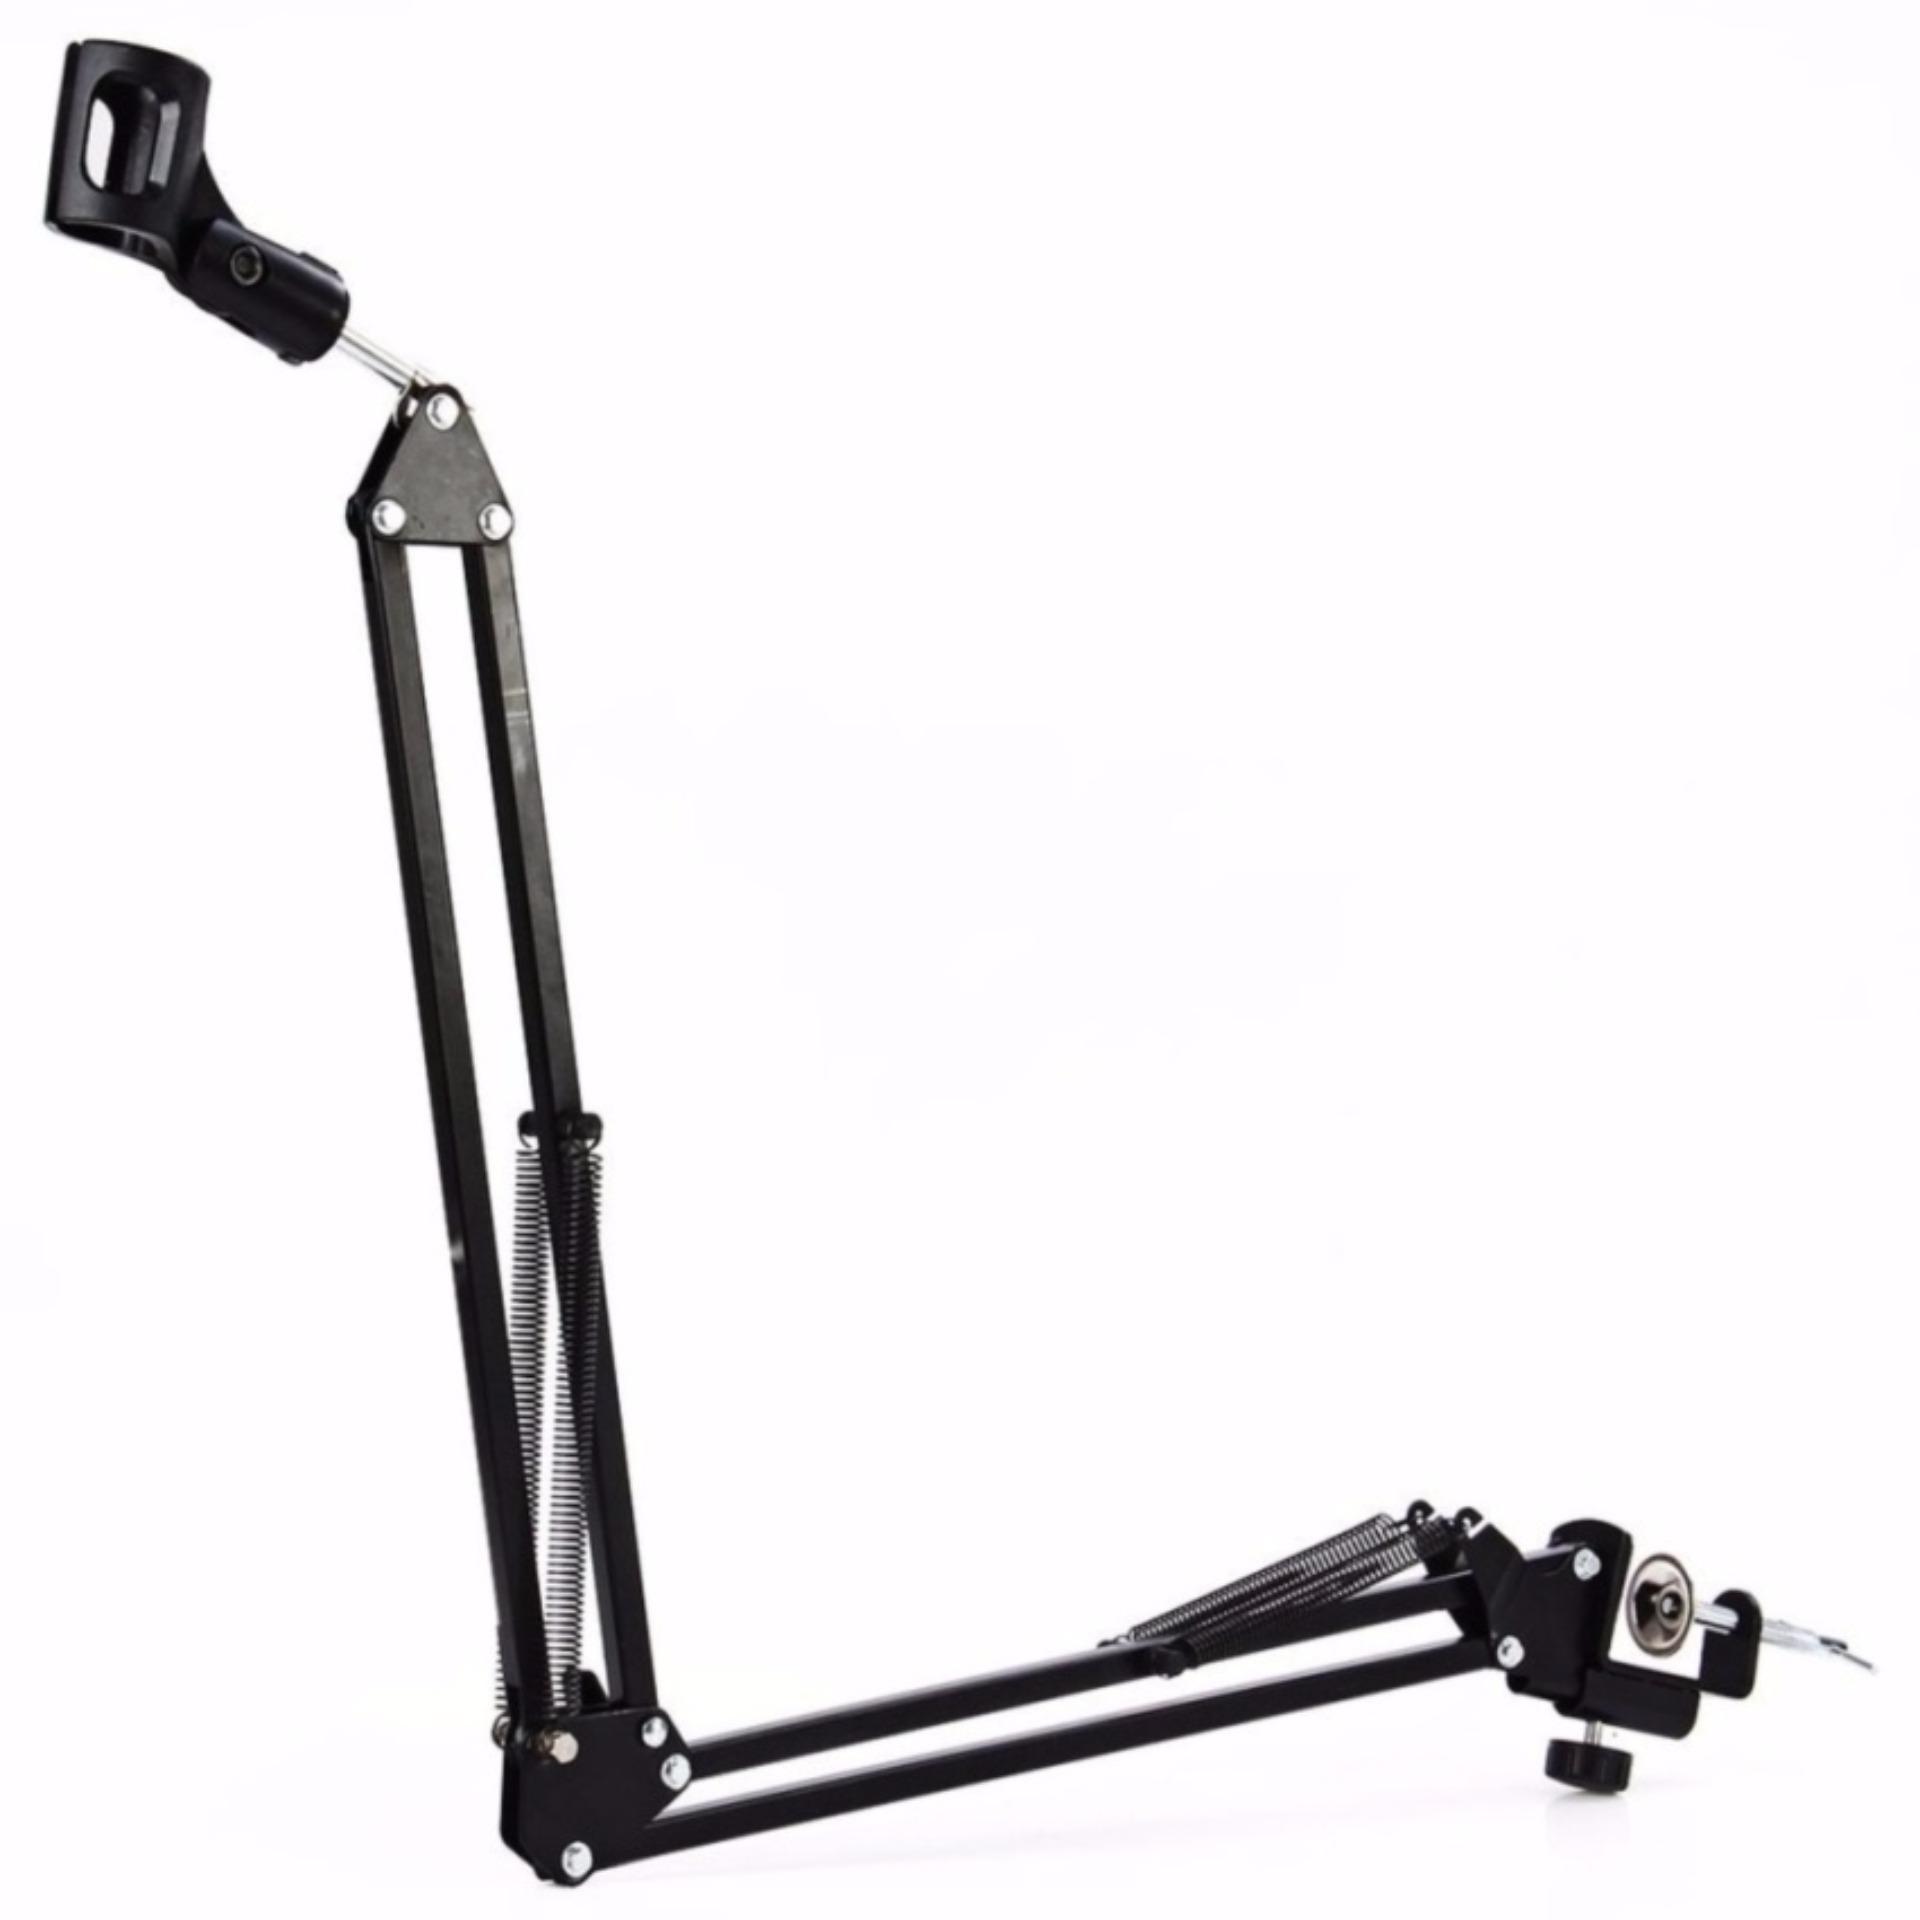 Toko Arm Stand Suspensi Lazypod Mikrofon S7923 Black Teiton Di Dki Jakarta